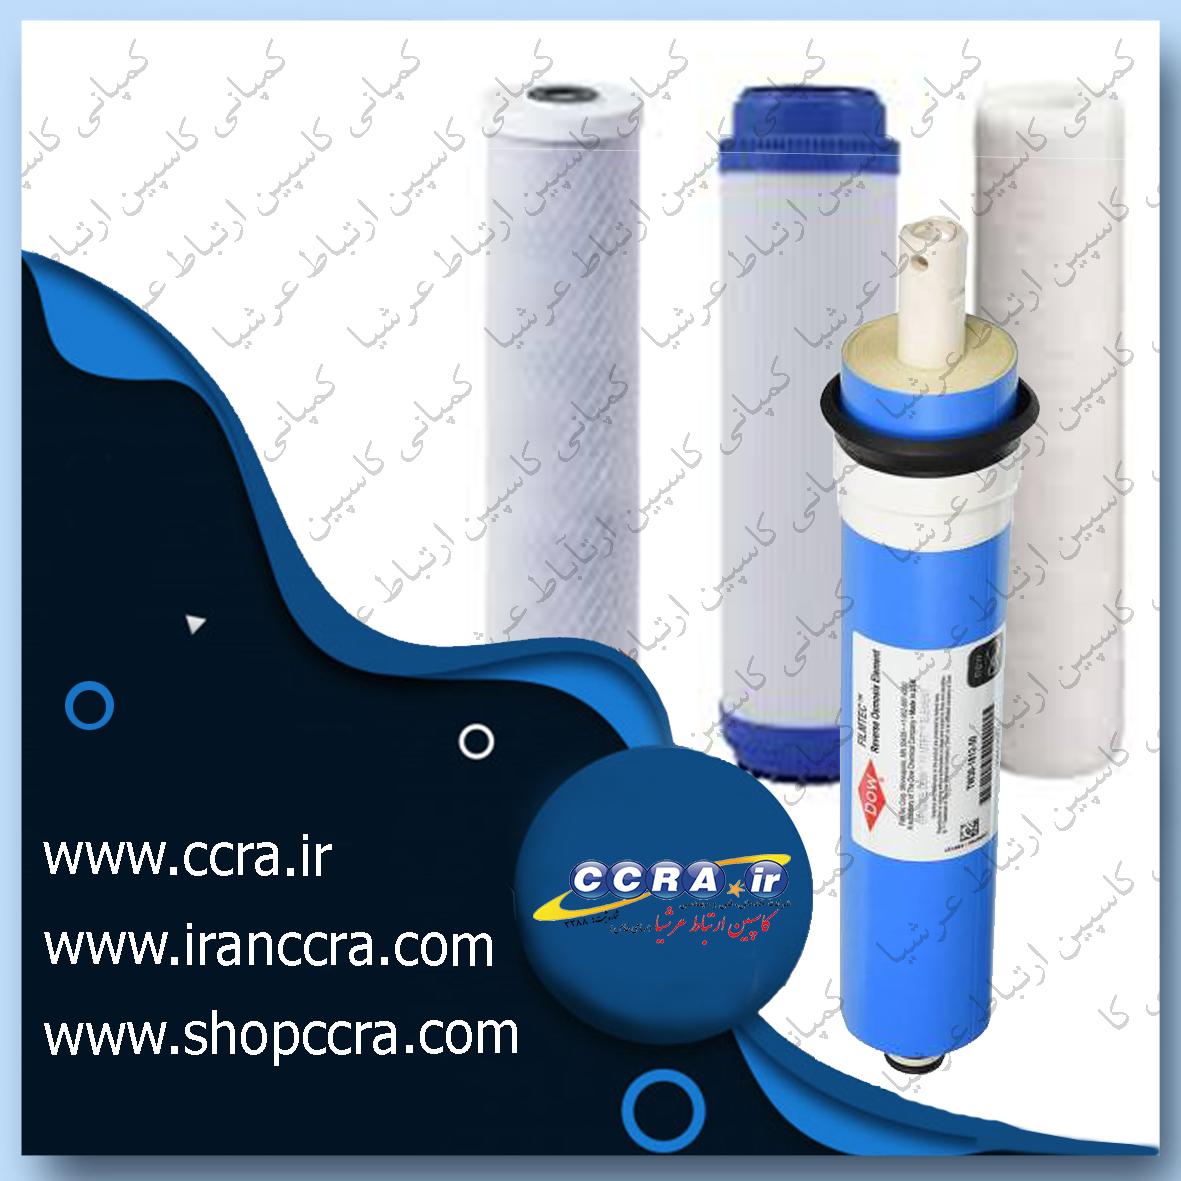 فیلترهای مورد استفاده در دستگاه های تصفیه آب خانگی آکوا لایف